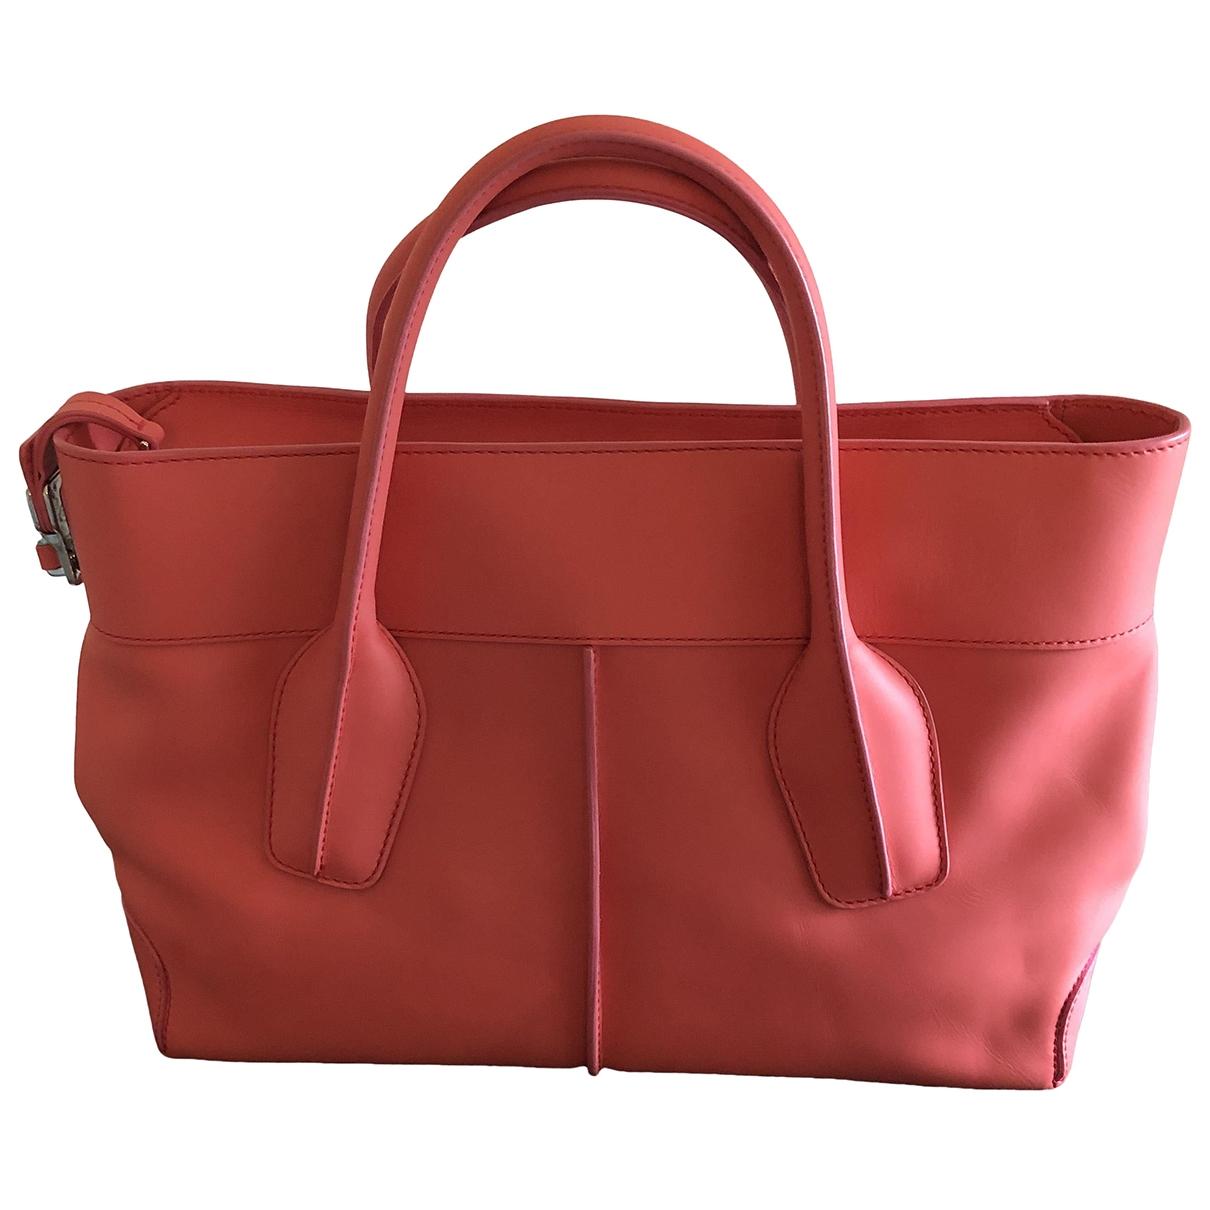 Tods \N Handtasche in  Rosa Leder